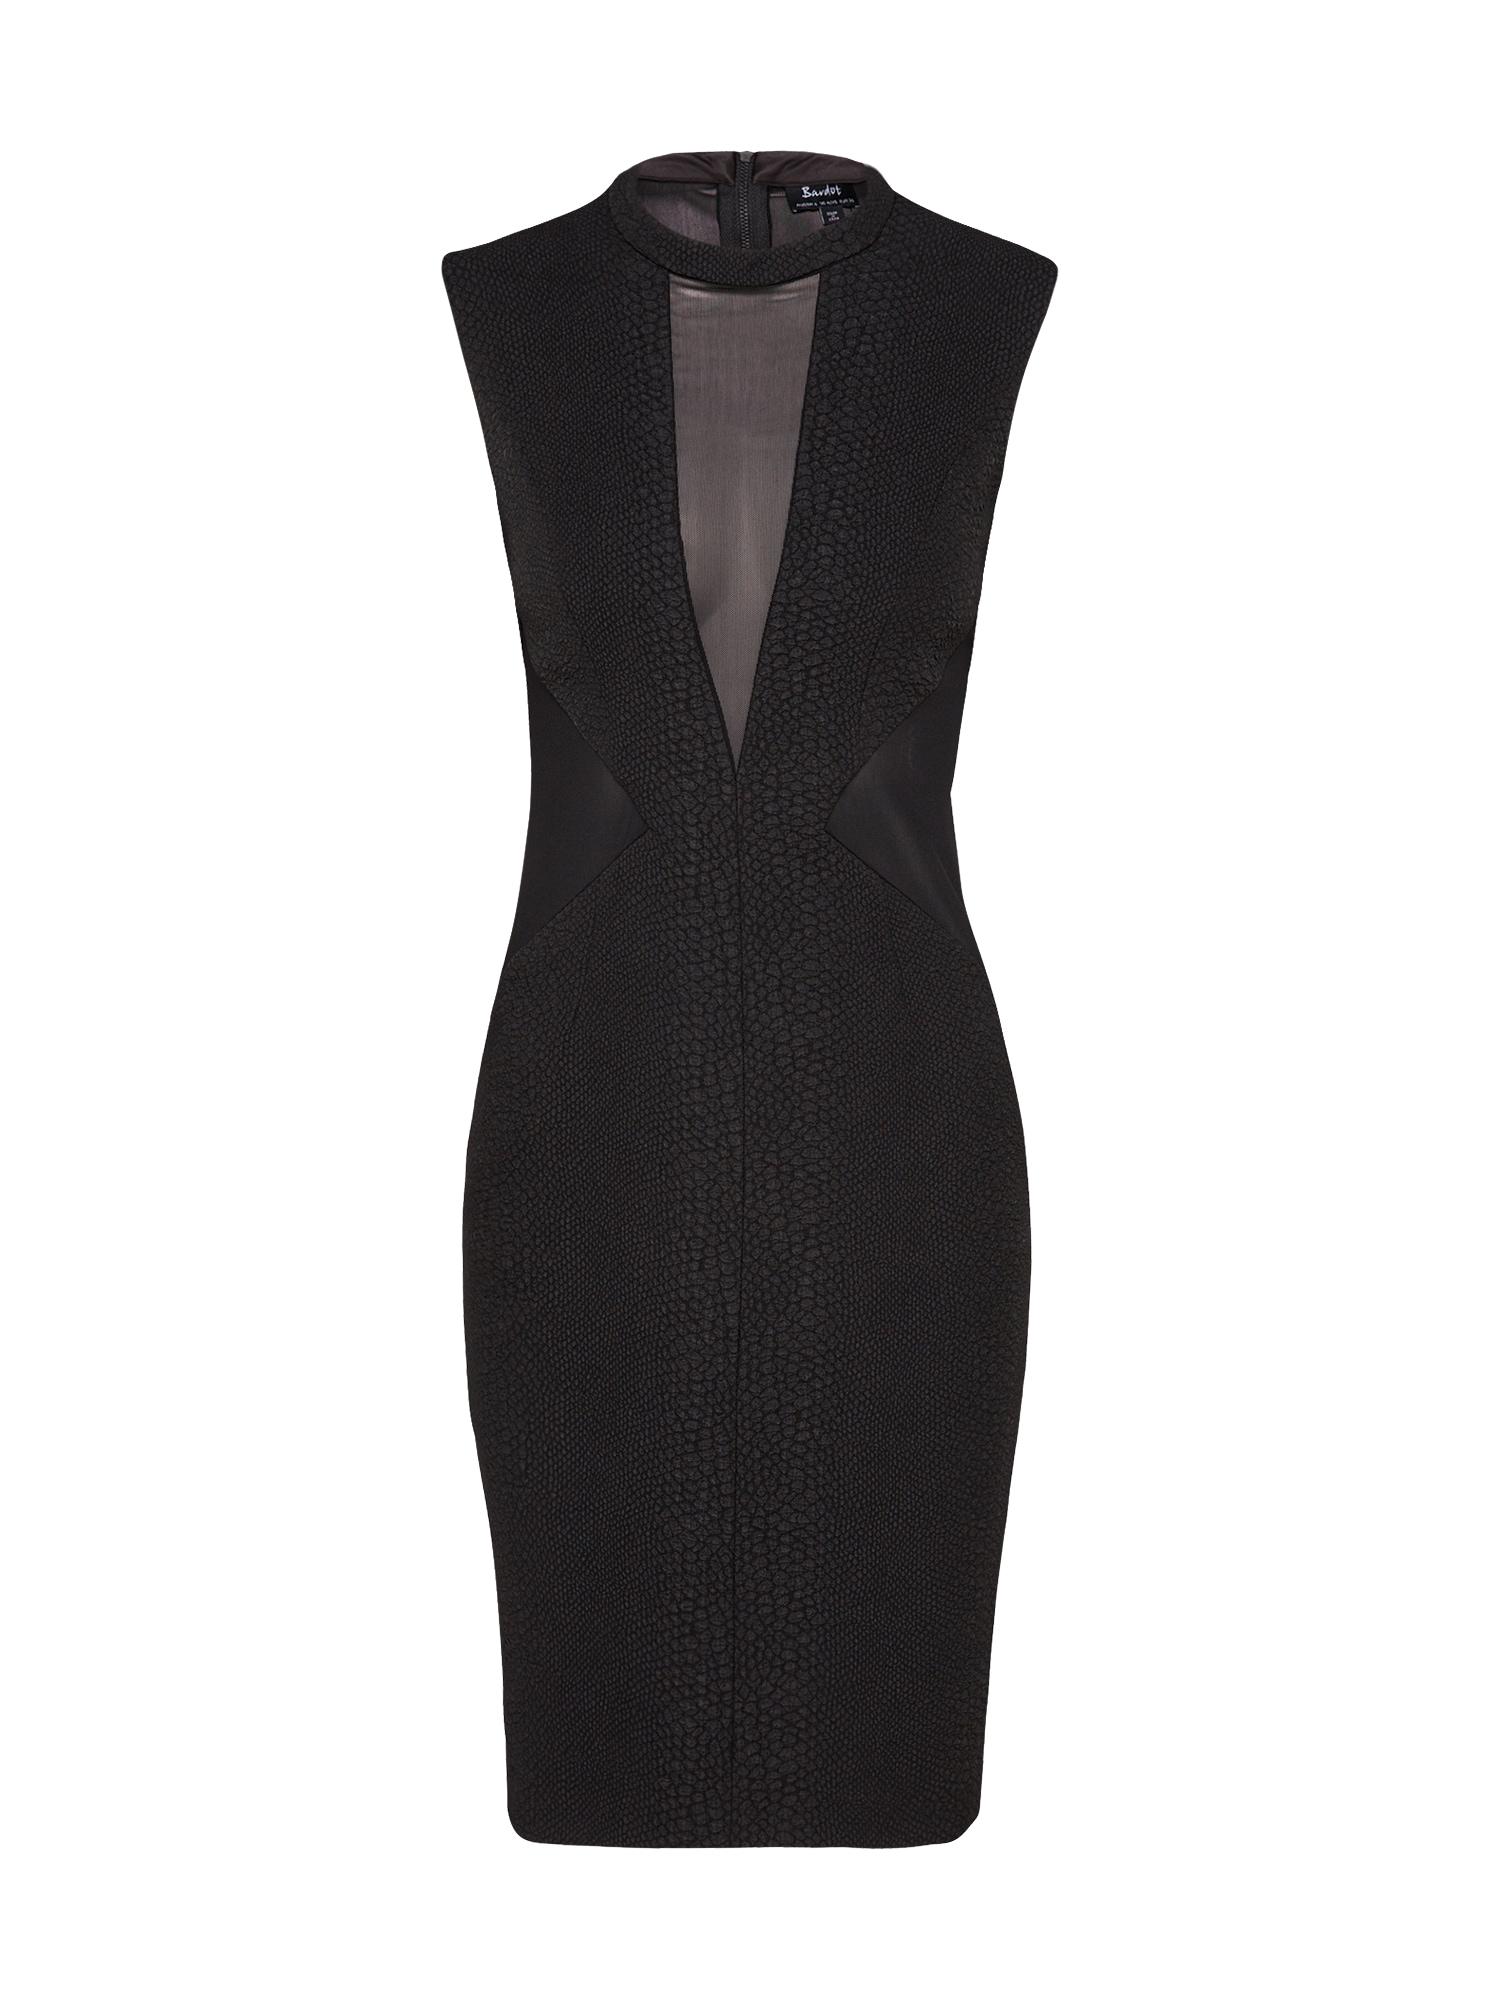 Koktejlové šaty CROC PANEL černá Bardot